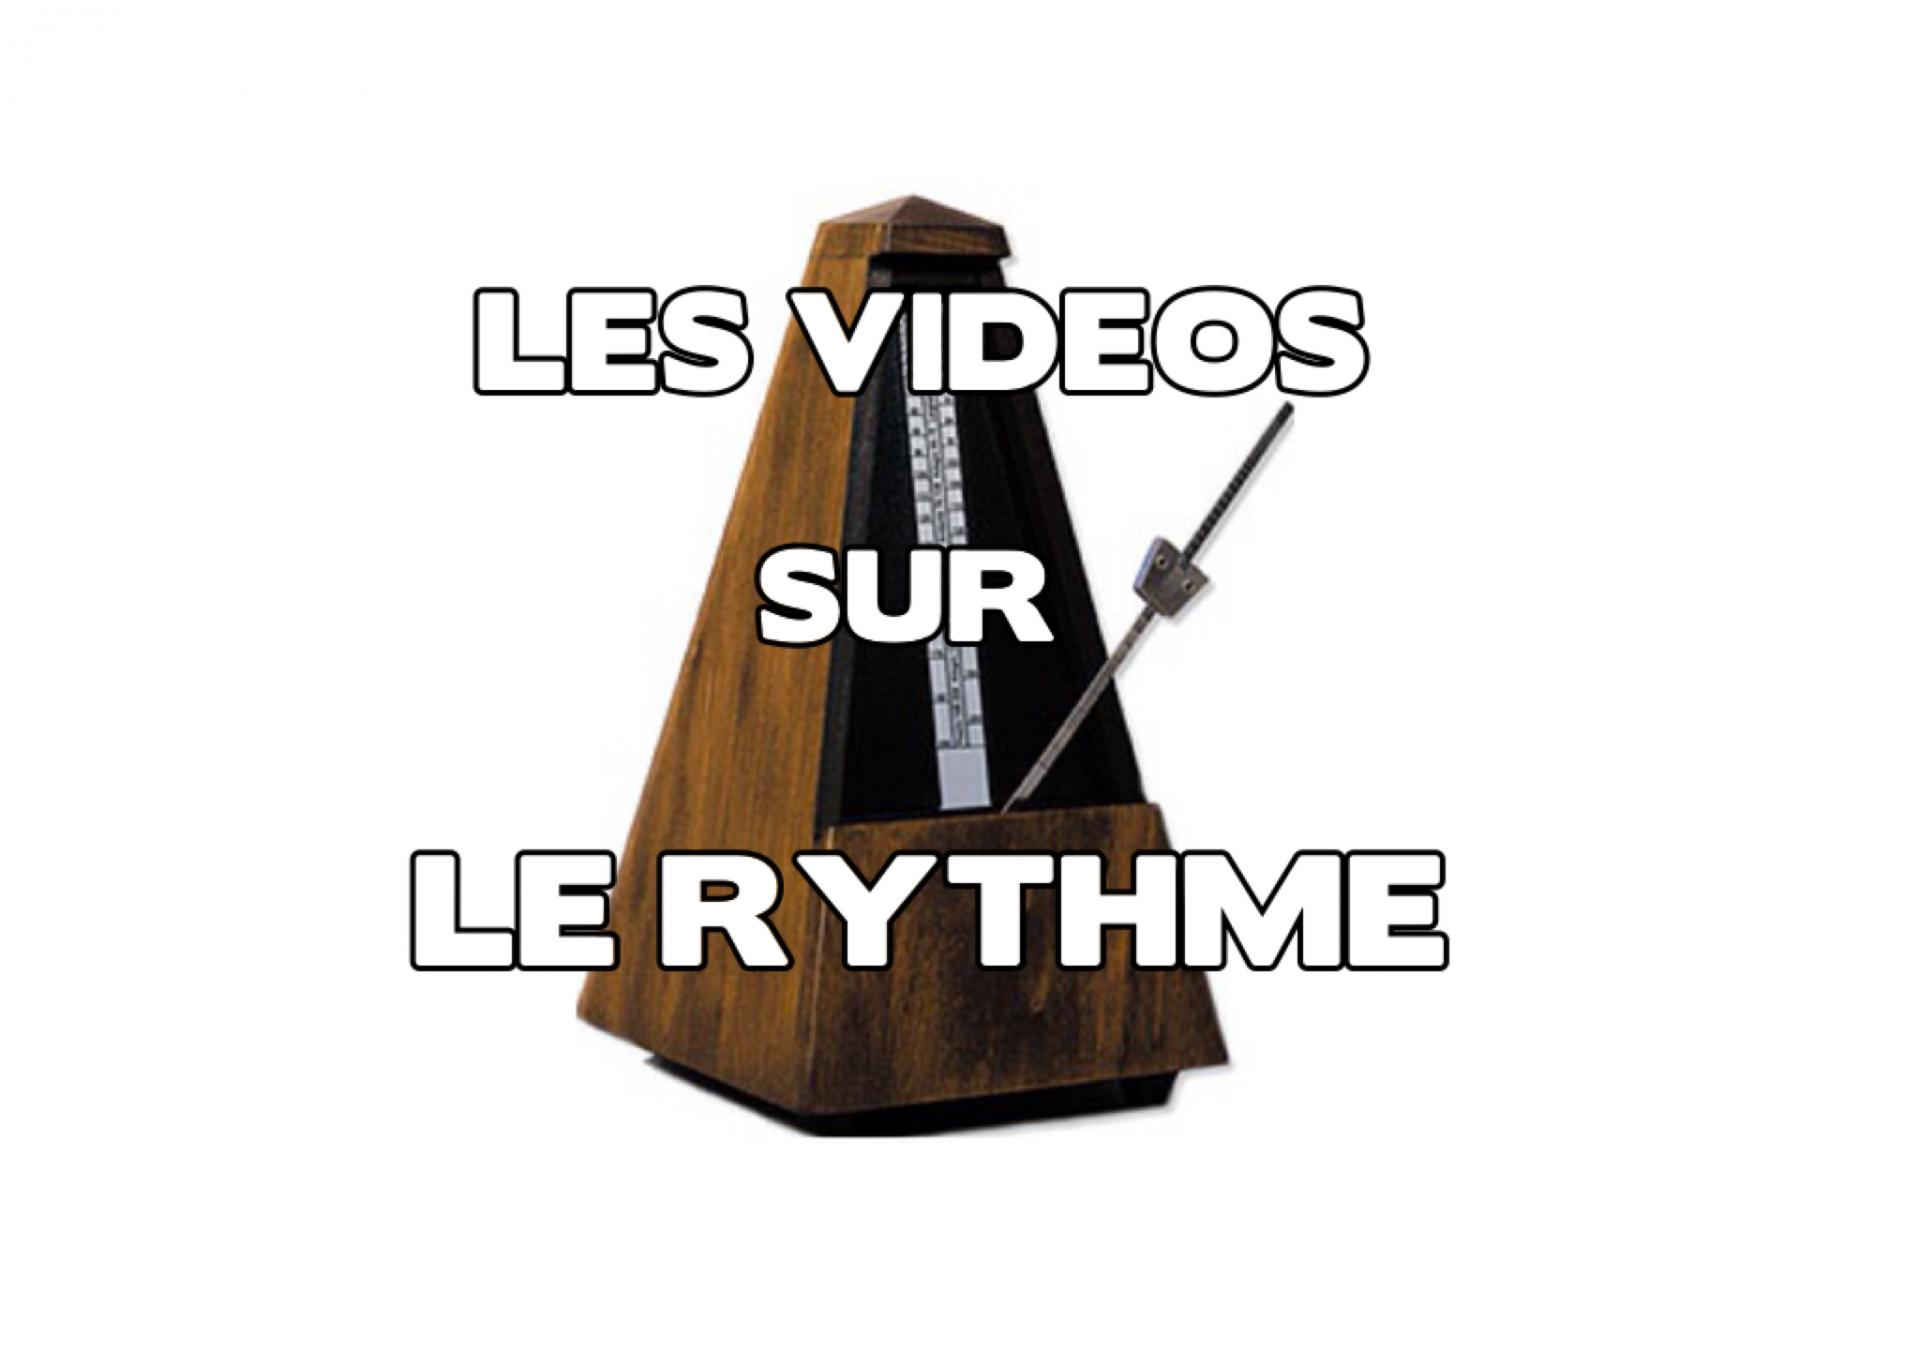 Les videos sur le rythme